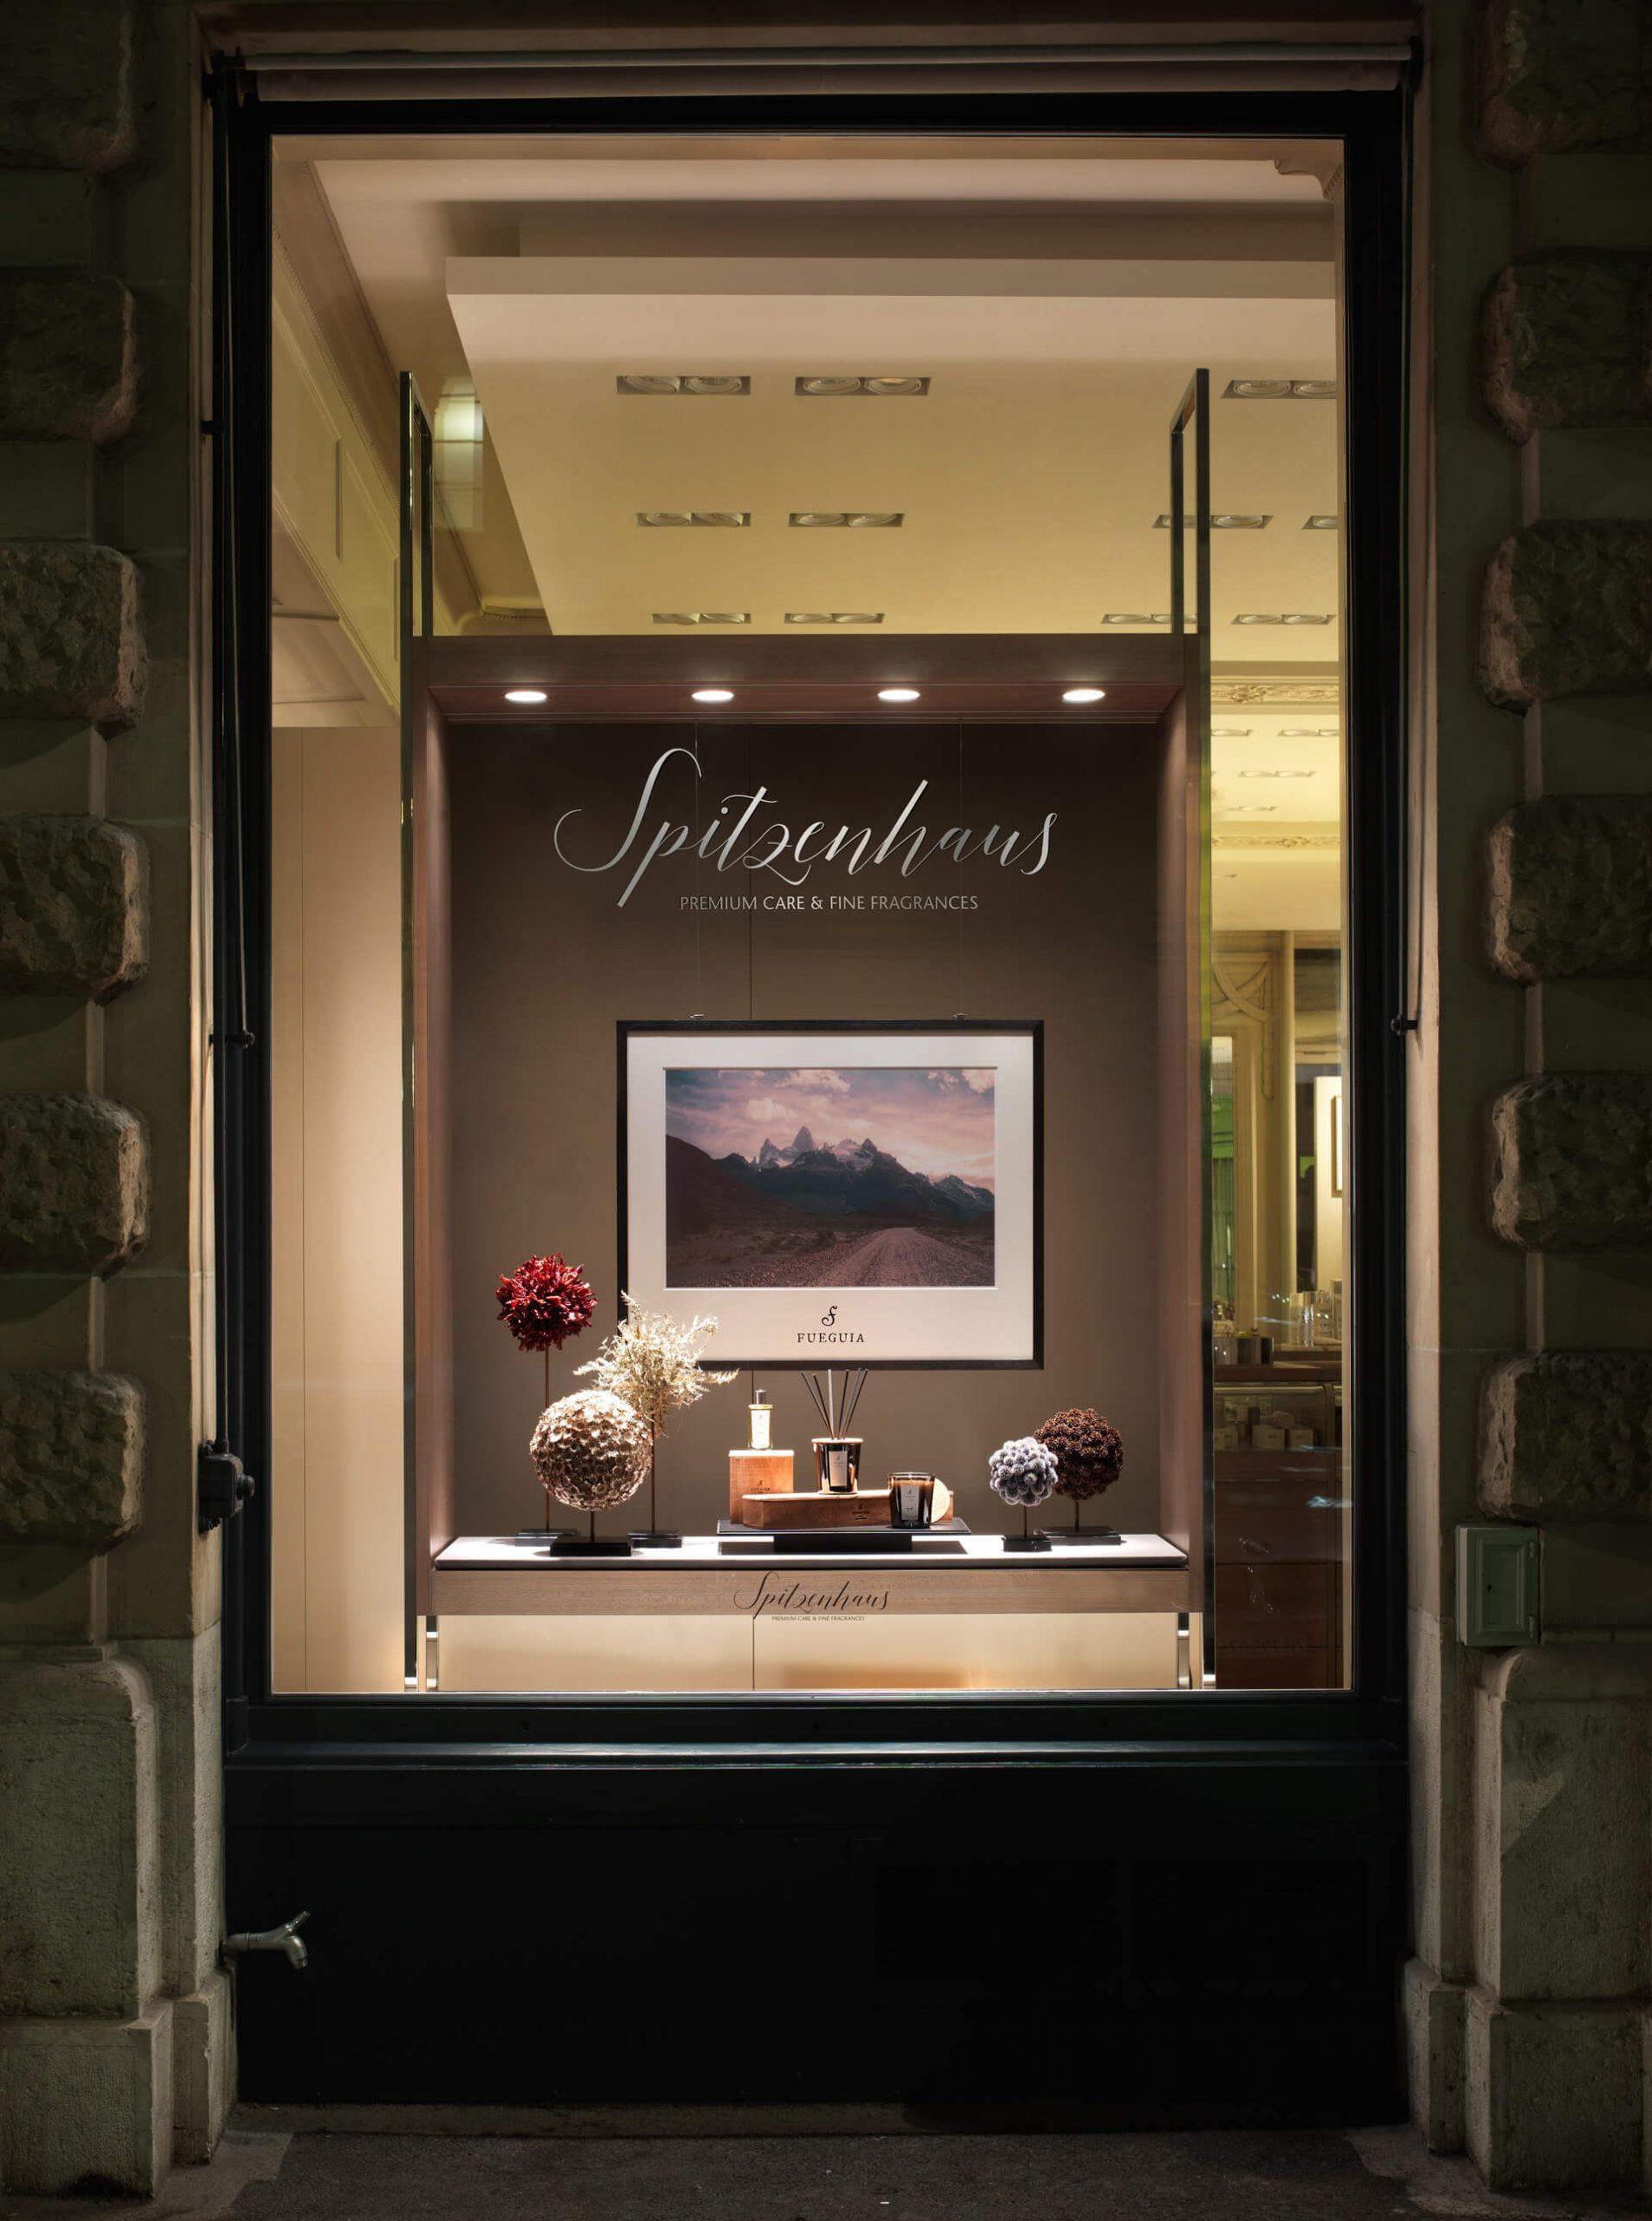 spitzenhaus-window